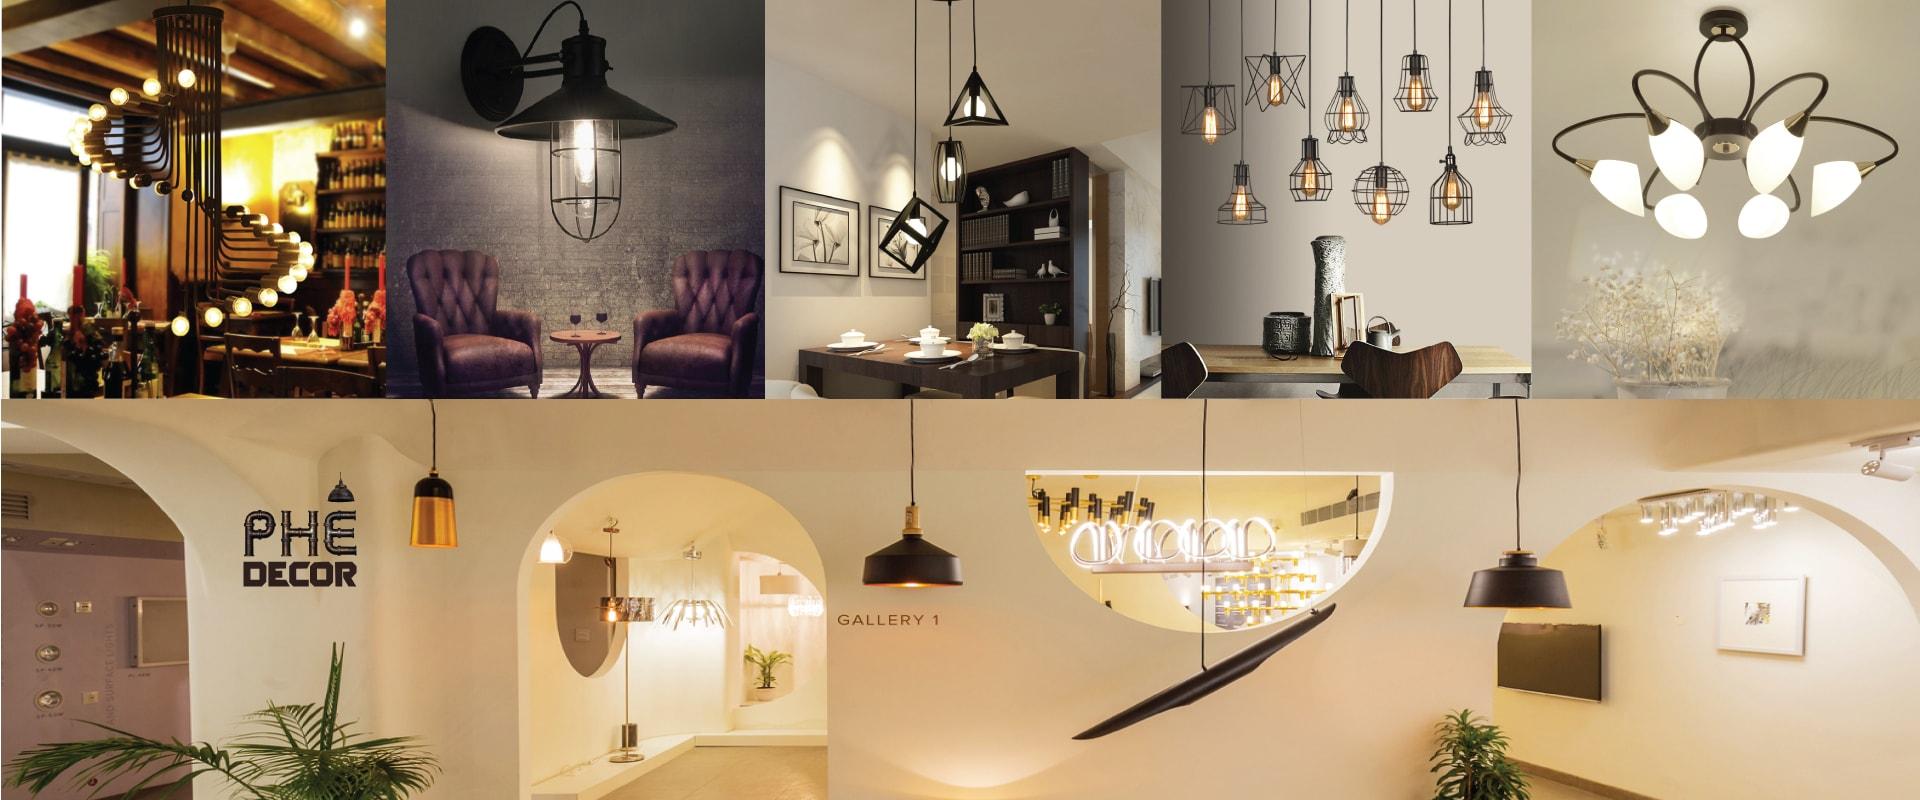 đèn trang trí quán cafe giá rẻ